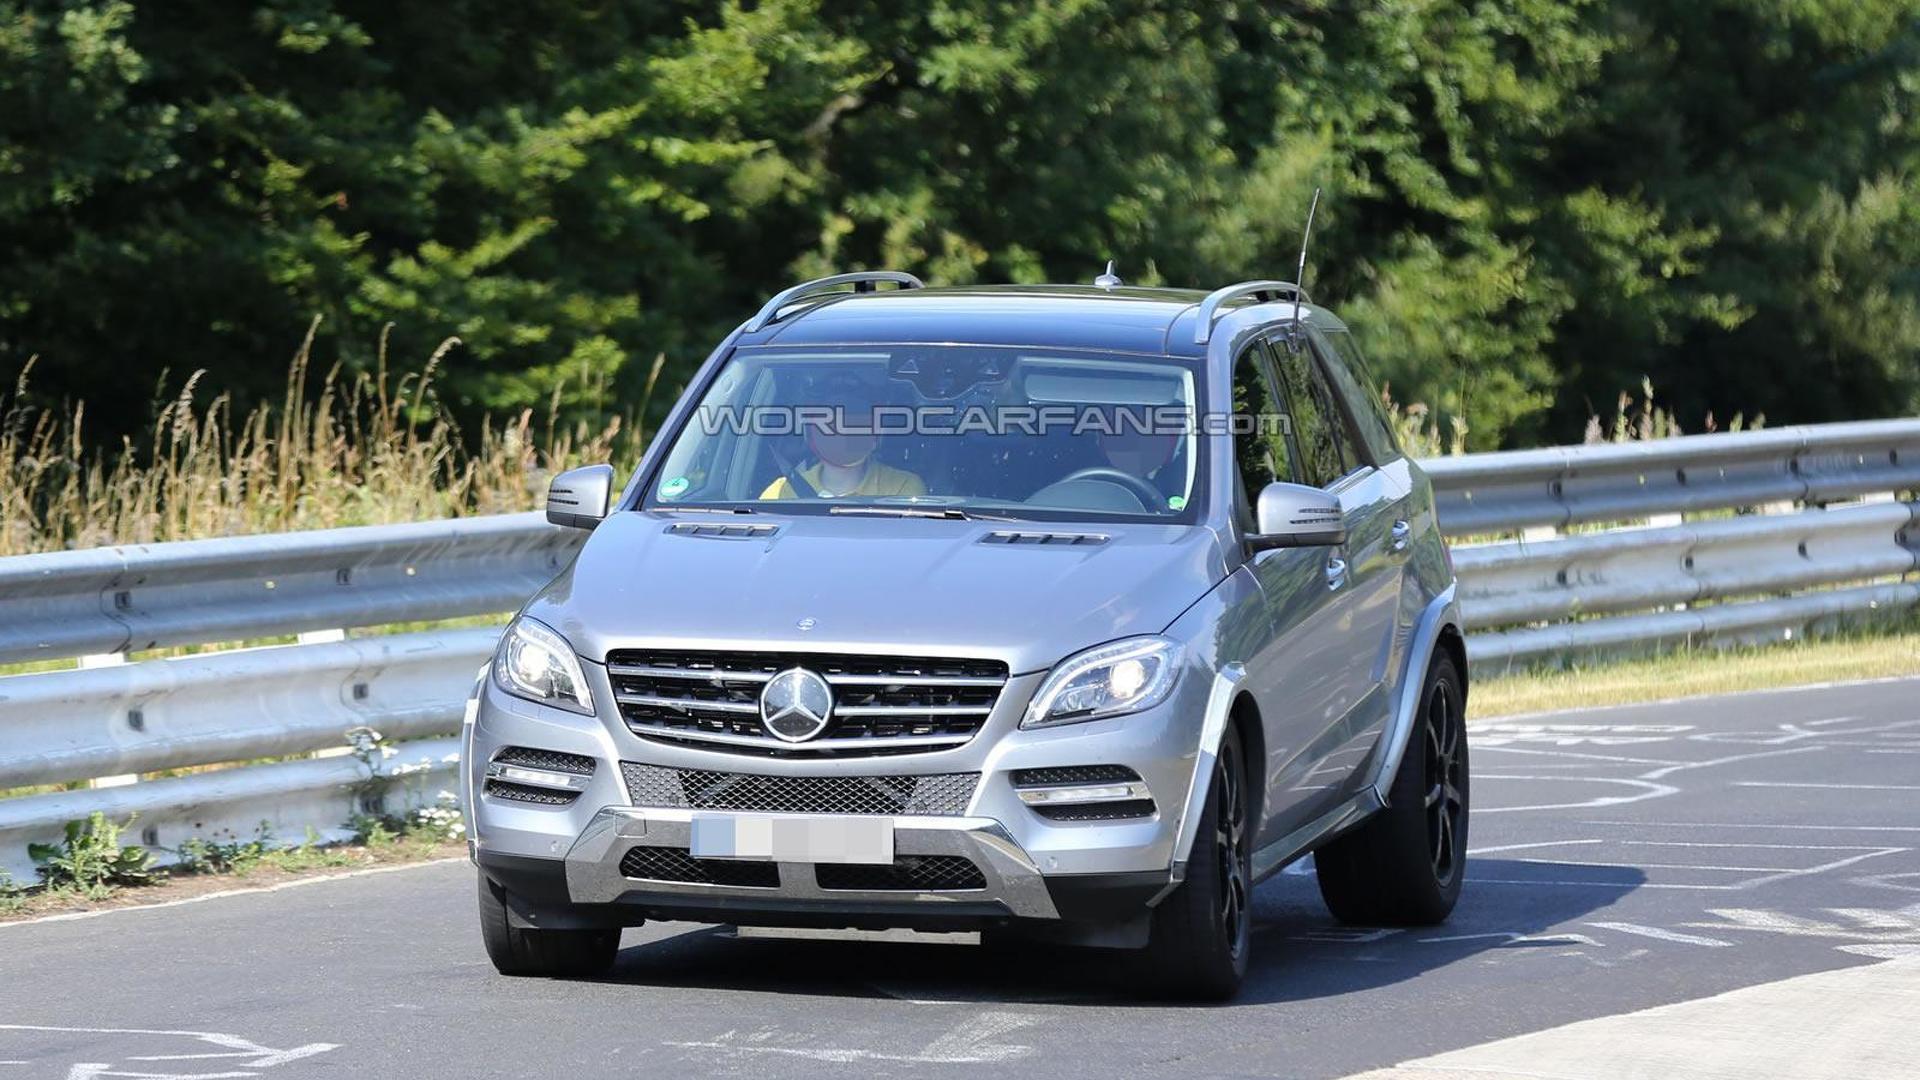 2015 Mercedes Benz Mlc Spied Undergoing Testing